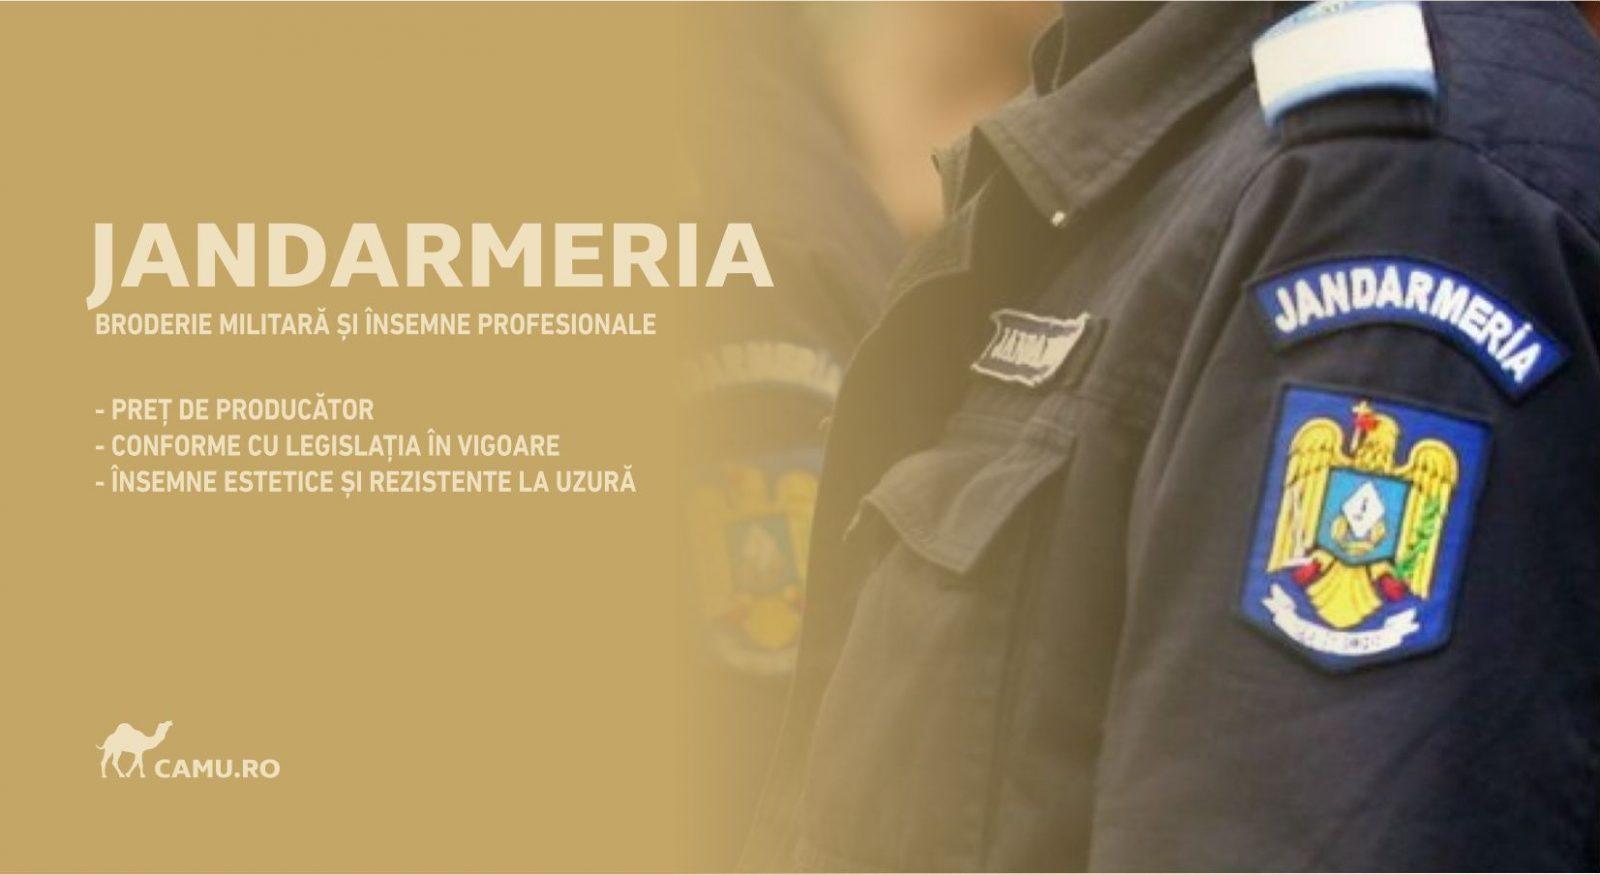 Grade Militare Jandarmerie de vânzare | Embleme | Petlițe | Ecusoane | Nominale și alte însemne distinctive pentru uniforma Jandarmeriei. *Conforme cu legislația în vigoare.